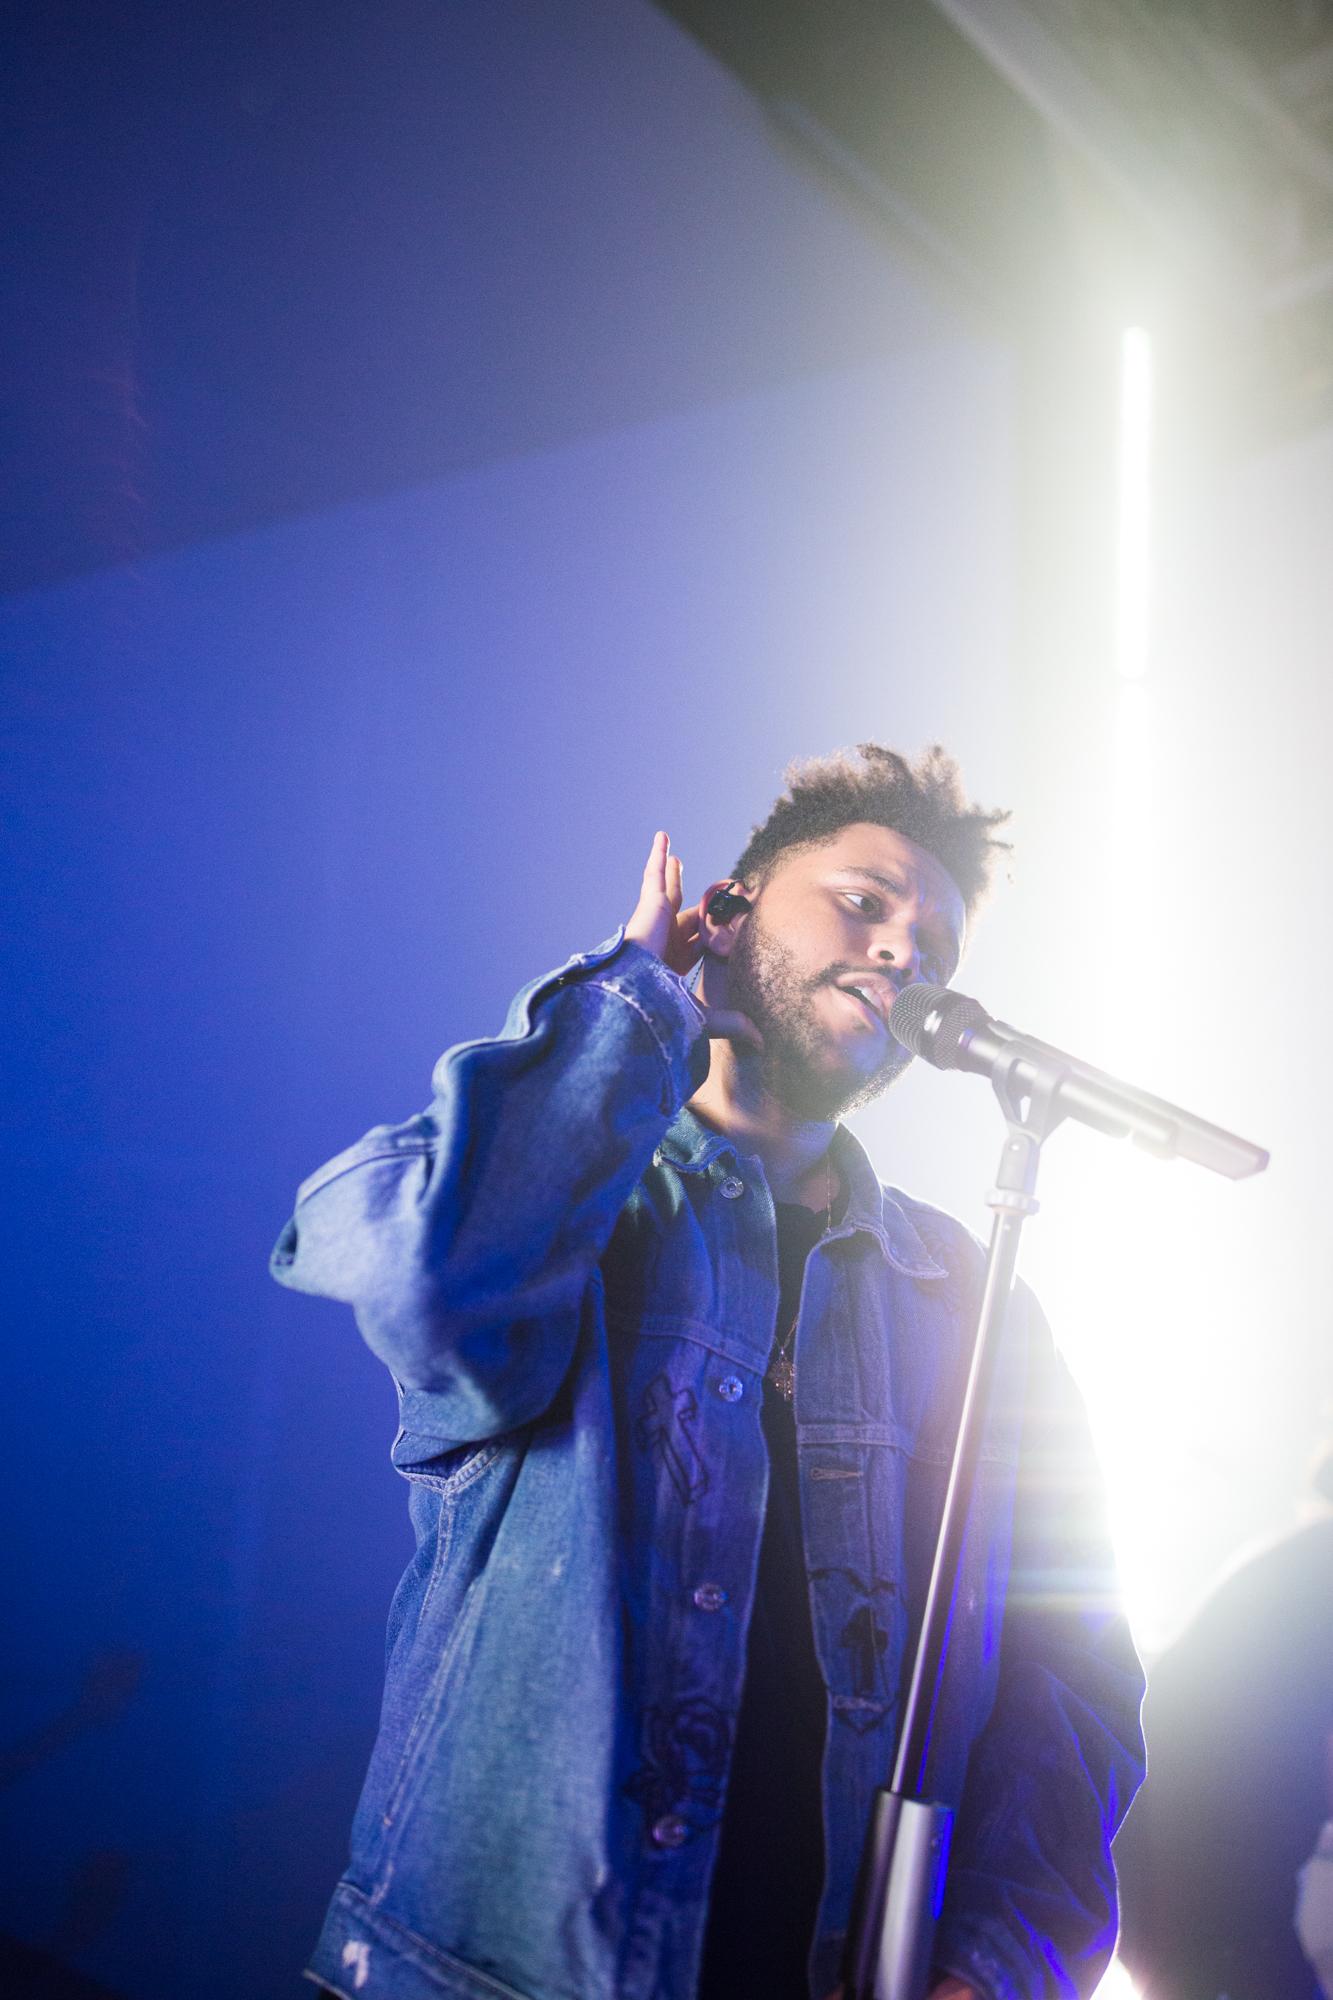 The Weeknd - Harpers Bazaar Icons 2017 - Rachel Hanon Photography -2.jpg